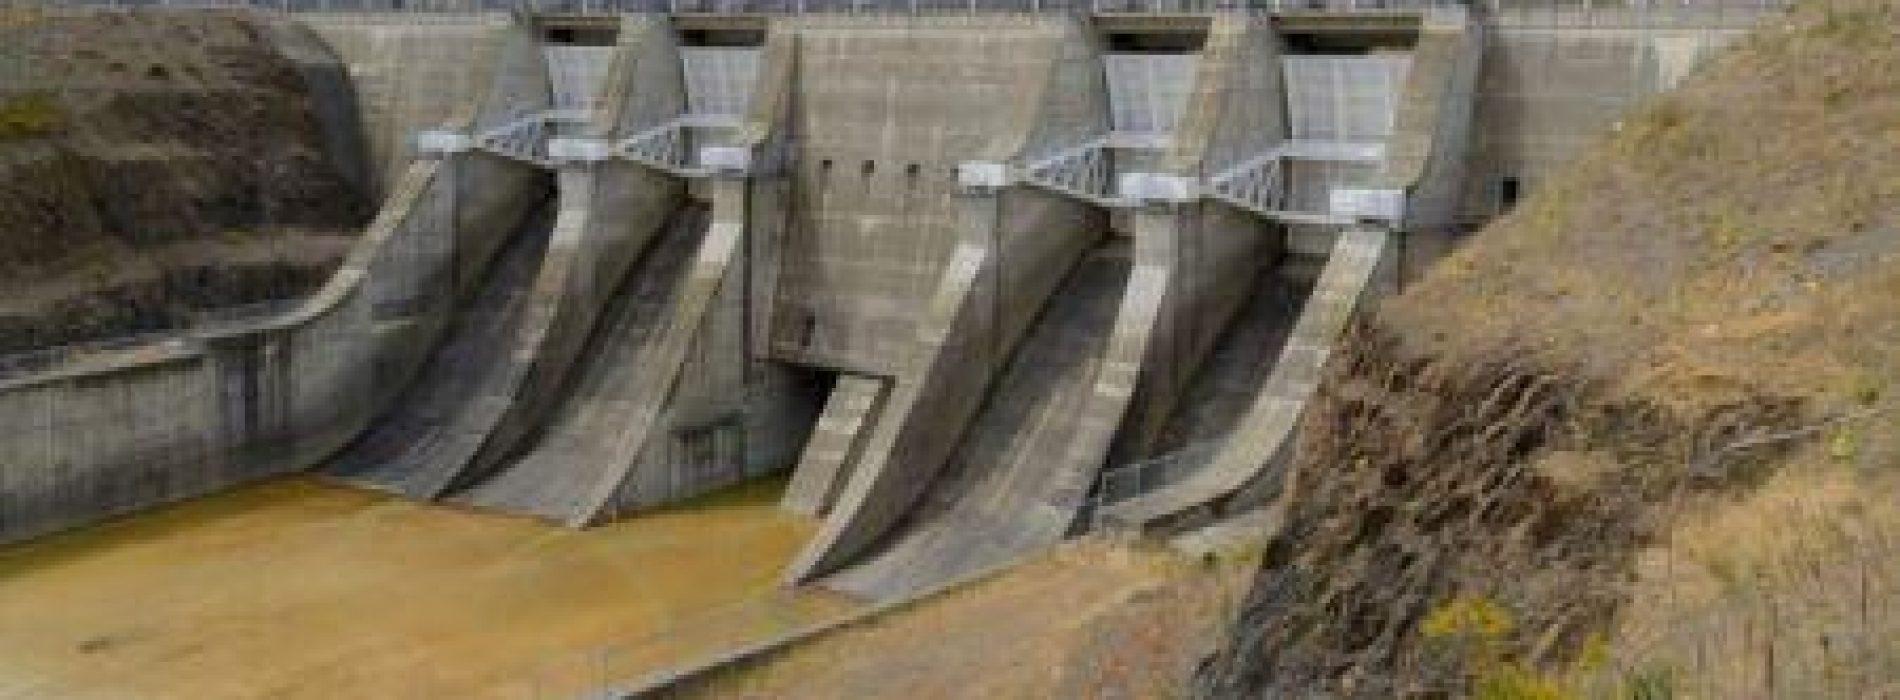 Zambia,Zimbabwe: iniziati i lavori per la diga idroelettrica di Batoka (2.400 MW).